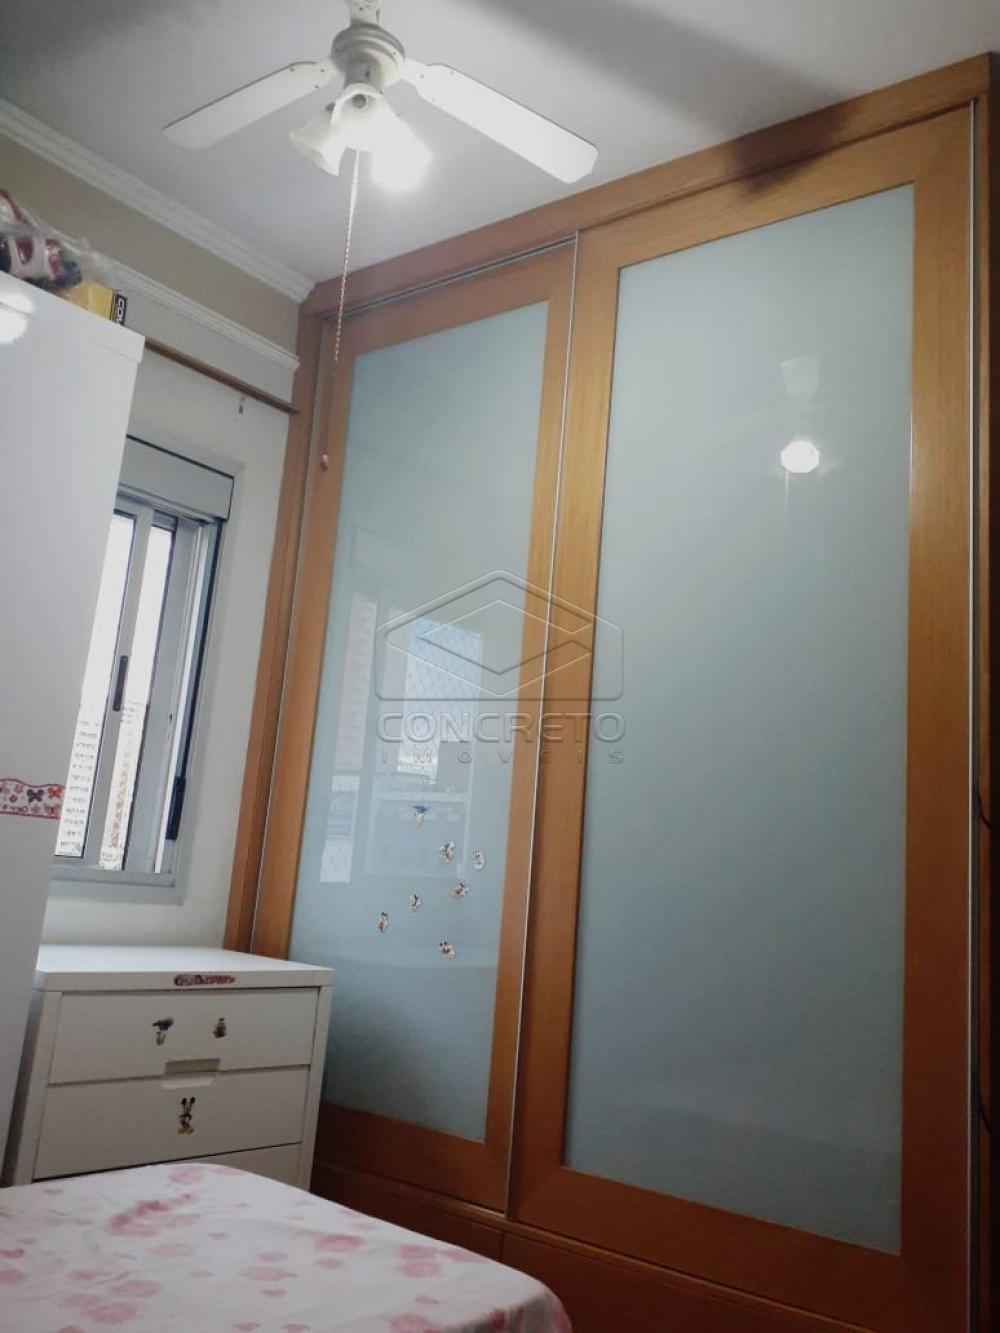 Comprar Apartamento / Padrão em Bauru apenas R$ 450.000,00 - Foto 16